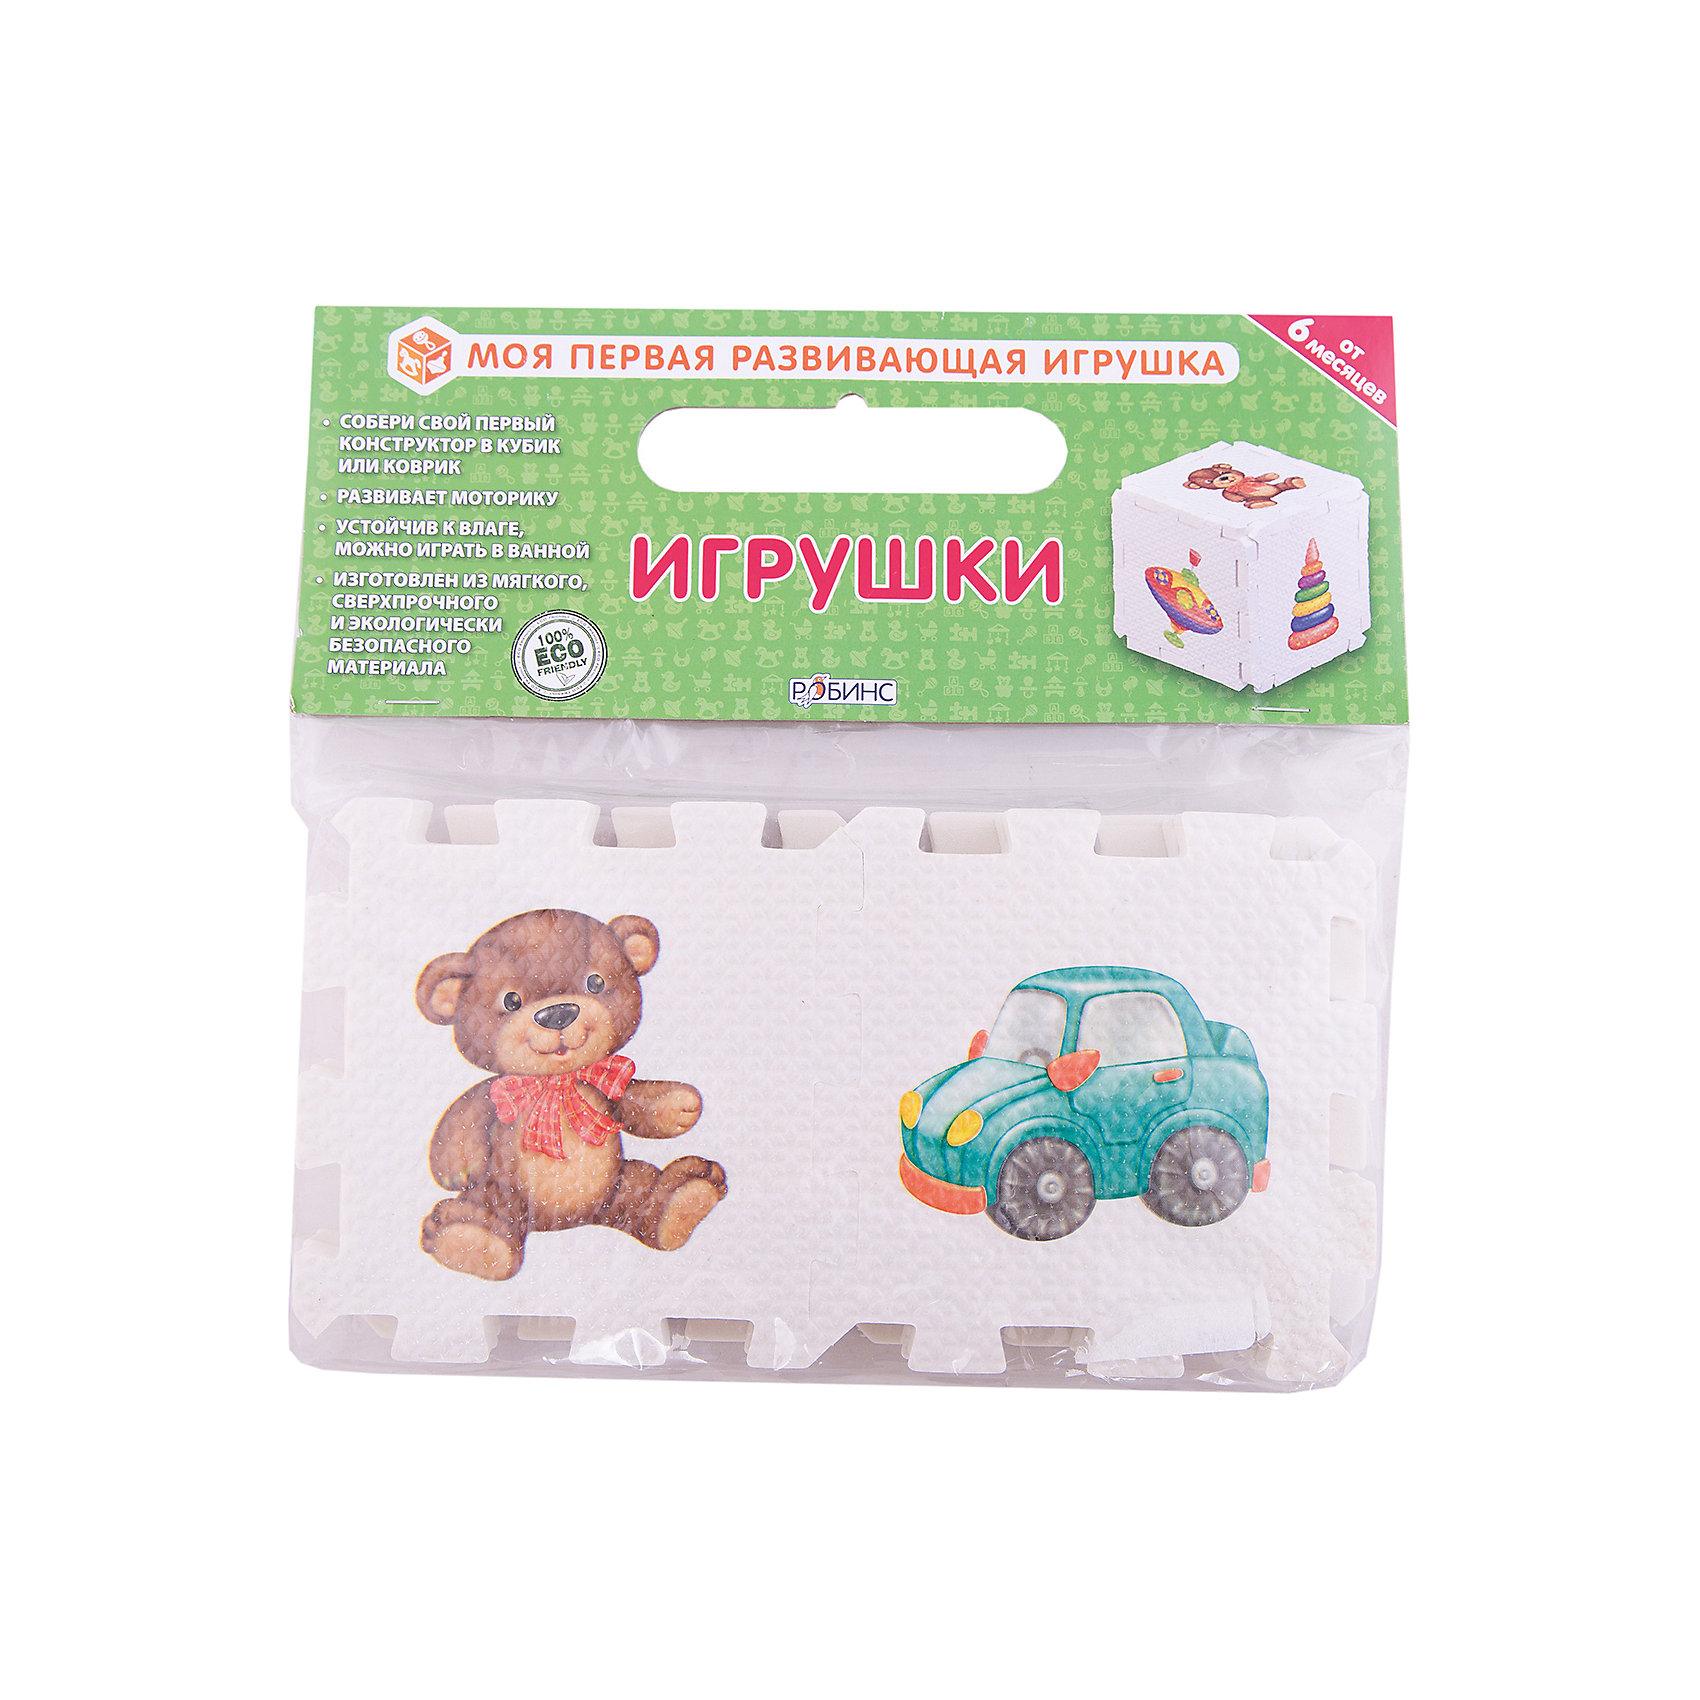 Кубик EVA ИгрушкиПервые книги малыша<br>Набор состоит из 6 больших деталей-пазлов, которые можно собрать в объёмный кубик. Собирая кубик и играя с его деталями, малыши тренируют мелкую моторику, развивают мышление, память, внимание, а также получают навыки творческого конструирования.<br>Детали-пазлы сделаны из экологически чистого и гипоаллергенного материала ЭВА (EVA), который не имеет цвета, запаха и вкуса, а значит, идеально подходит для первых развивающих игрушек и игр.<br>Особенности пазлов ЭВА открывают дополнительные возможности для различных игровых сюжетов:<br>- детали-пазлы можно грызть, мять, гнуть, сжимать и мочить, и при этом они не испортятся; <br>- с набором можно играть в воде, детали плавают и легко крепятся к кафелю и стенкам ванны; <br>- уникальная технология печати картинок на пазлах передаёт все оттенки цветов, и дети быстрее учатся узнавать нарисованные на них предметы в окружающем мире; <br>- набор идеально подходит для развития детской моторики, сенсорики, навыков конструирования; <br>- детали-пазлы из разных наборов подходят к друг другу, вы легко можете комбинировать разные наборы.<br><br>Дополнительная информация:<br><br>- Материал: ЭВА.<br>- Размер: 25,5х24 см. <br>- Толщина детали-пазла: 3 см. <br>- Комплектация: 6 деталей.<br>- Детали-пазлы подходят к другим наборам. <br>- Используются стойкие гипоаллергенный красители.<br>- Подходит для игр в воде. <br><br>Кубик EVA - сортер Игрушки можно купить в нашем магазине.<br><br>Ширина мм: 255<br>Глубина мм: 240<br>Высота мм: 10<br>Вес г: 72<br>Возраст от месяцев: 12<br>Возраст до месяцев: 36<br>Пол: Унисекс<br>Возраст: Детский<br>SKU: 4545588